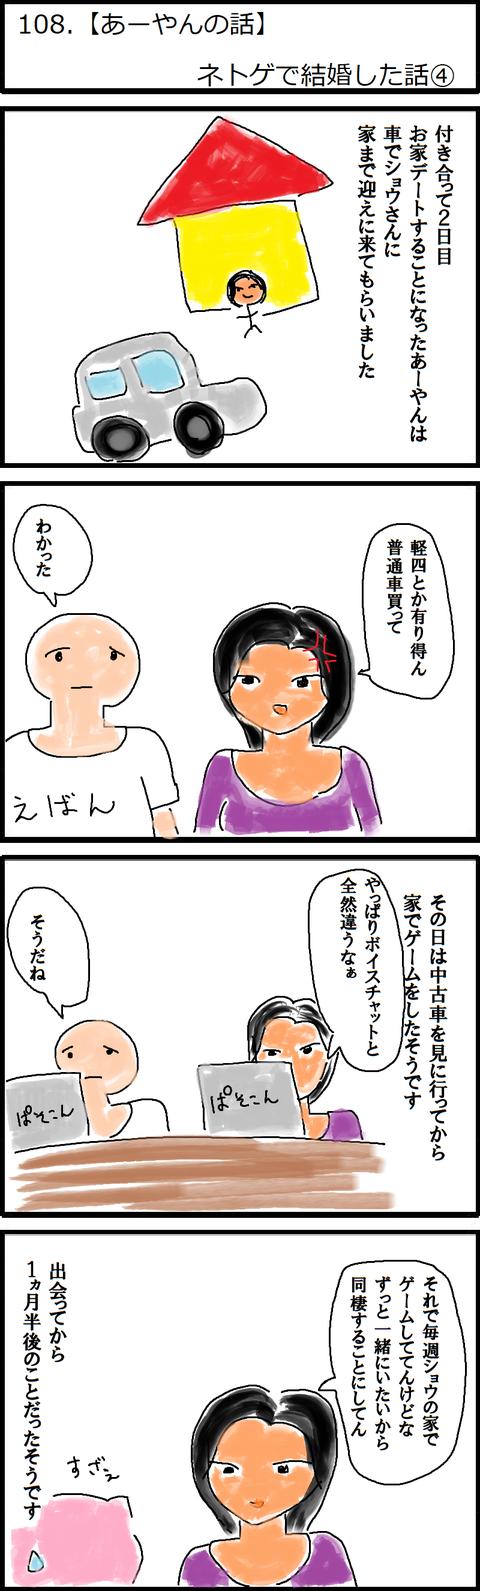 108.【あーやんの話】ネトゲで結婚した話④